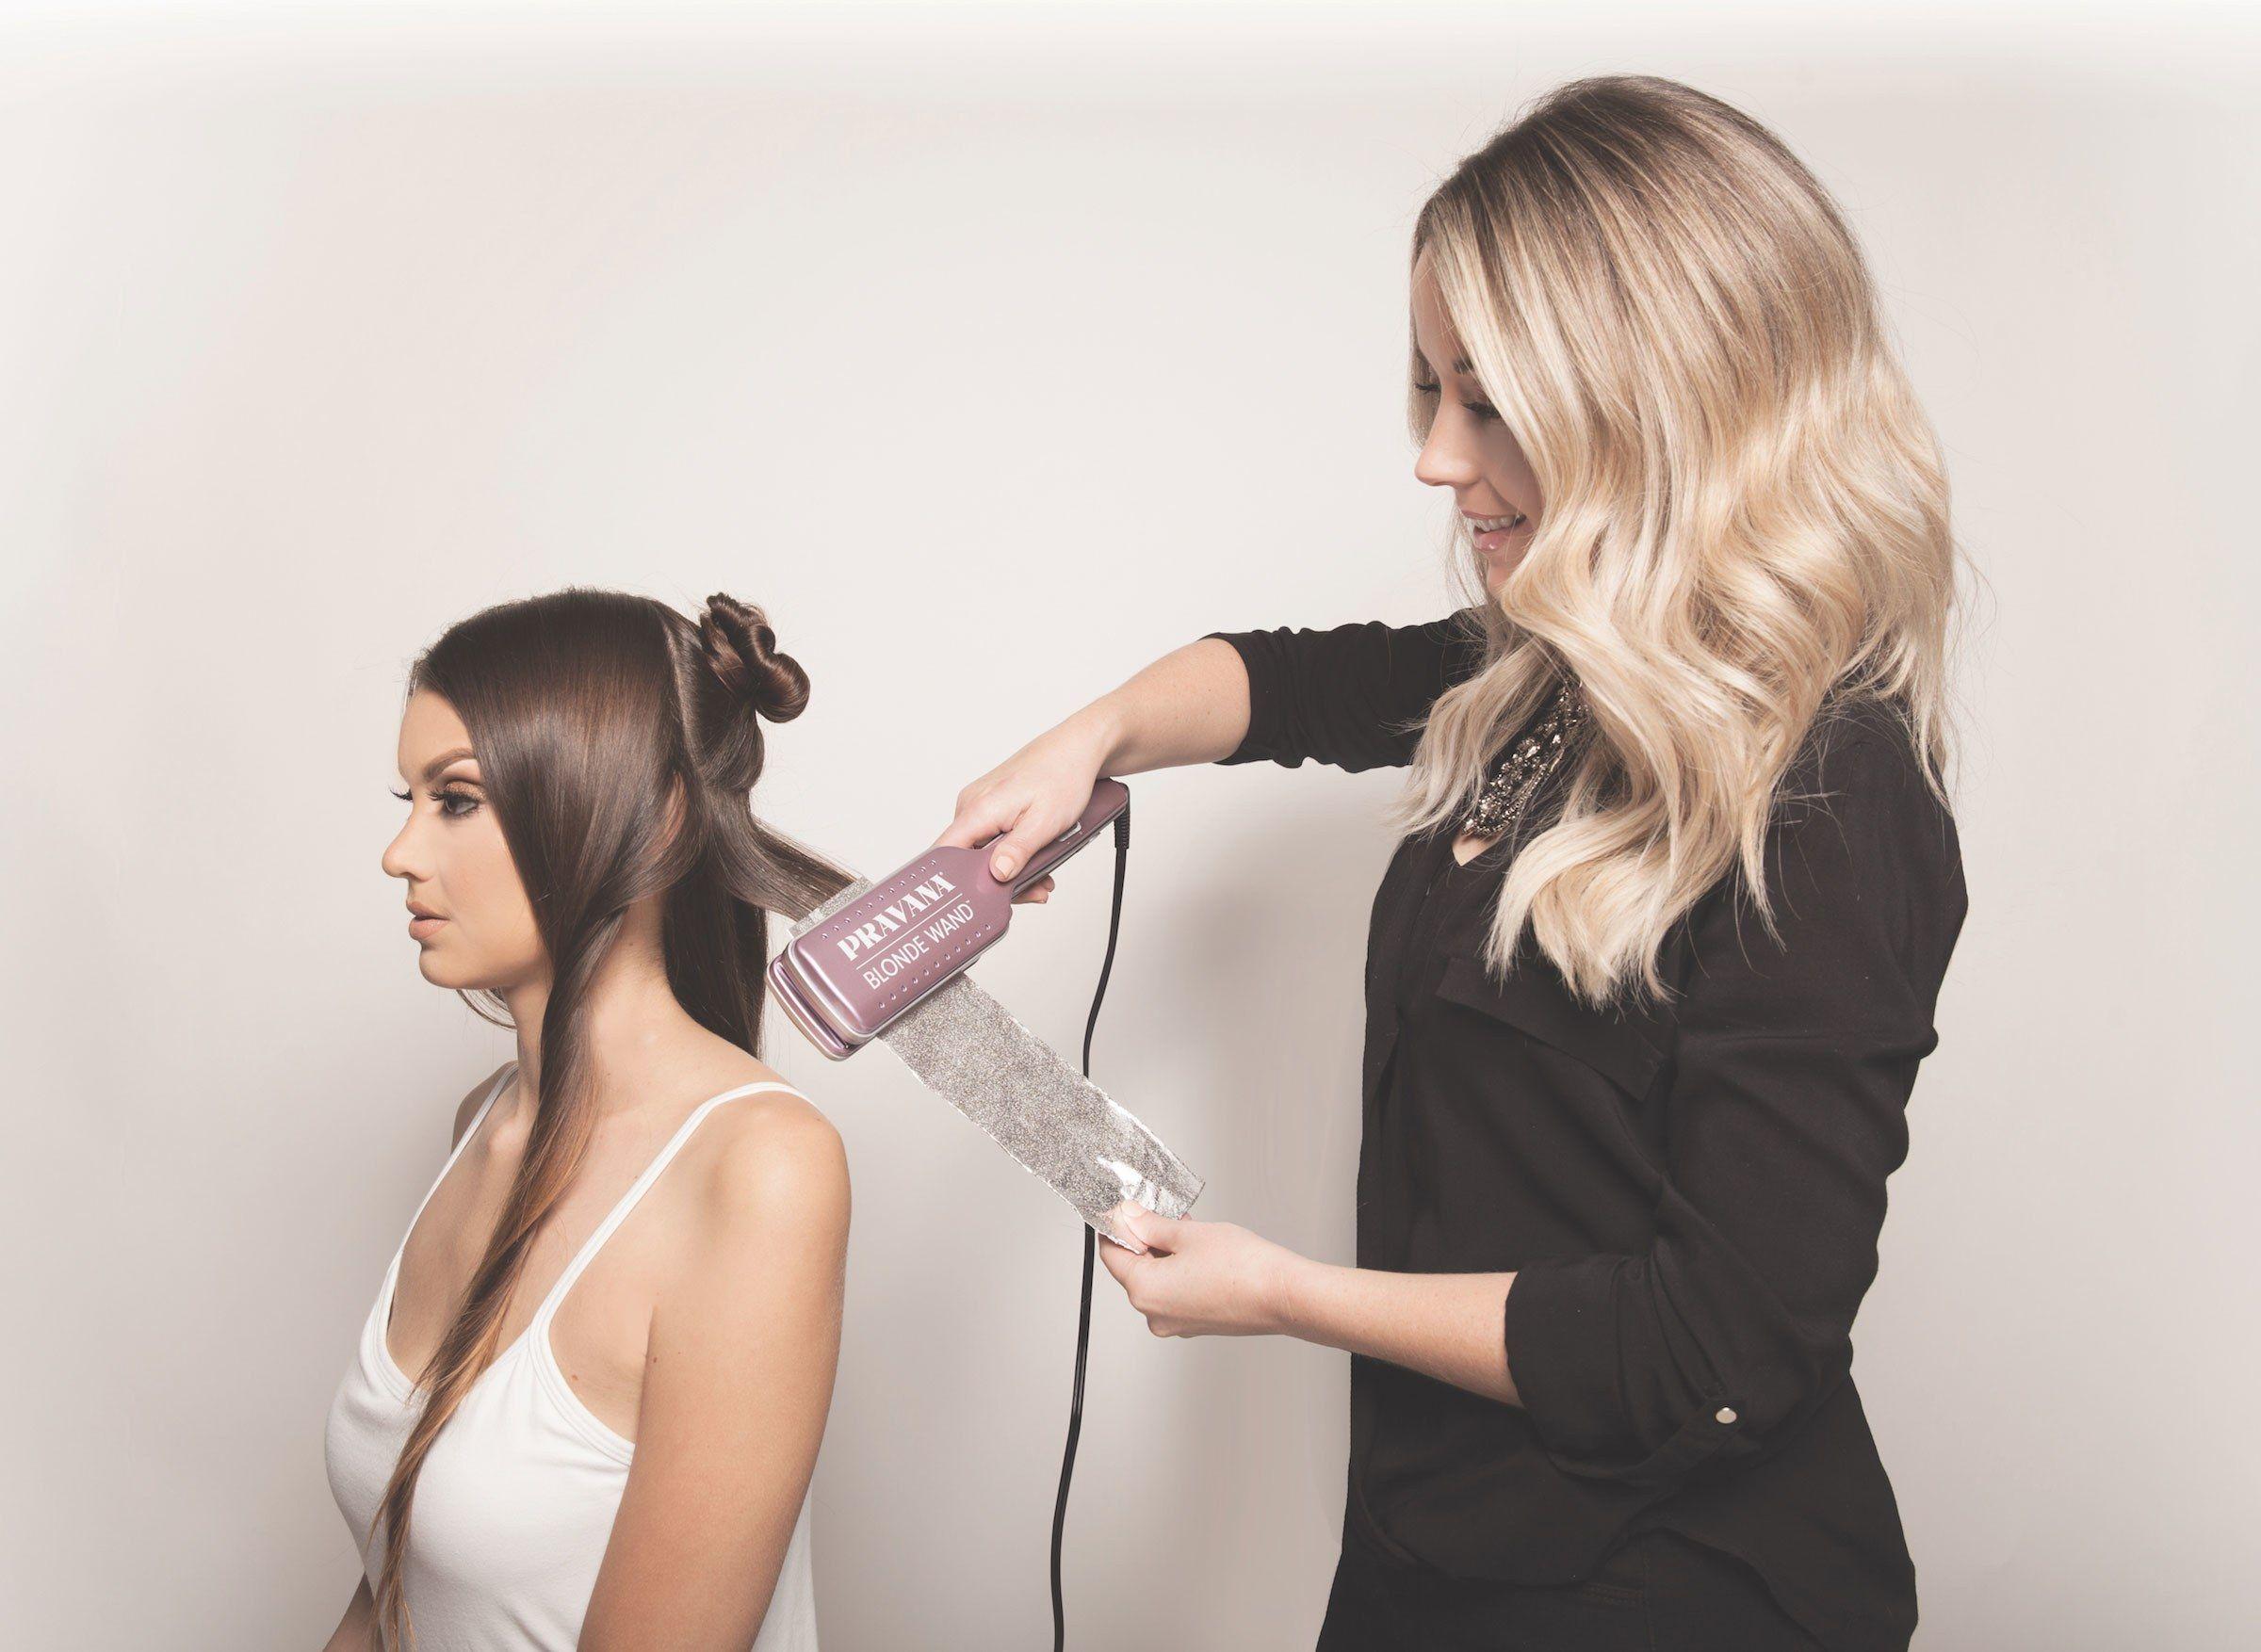 Schiarire i capelli con la piastra